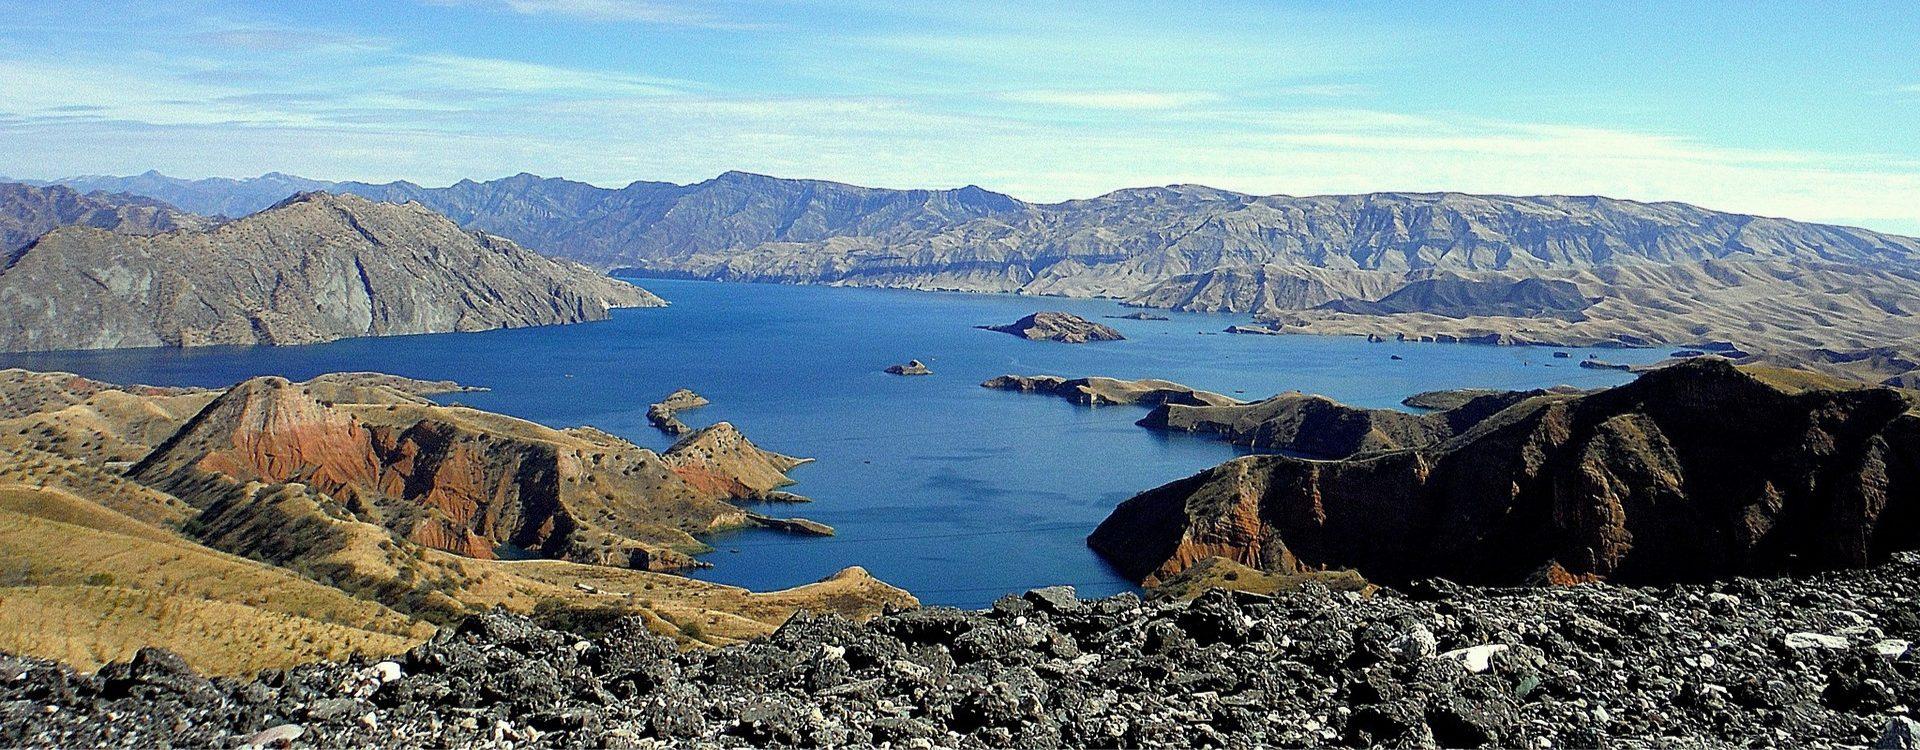 Tadjikistan - Exploration dans le massif de Fann - Les matins du monde